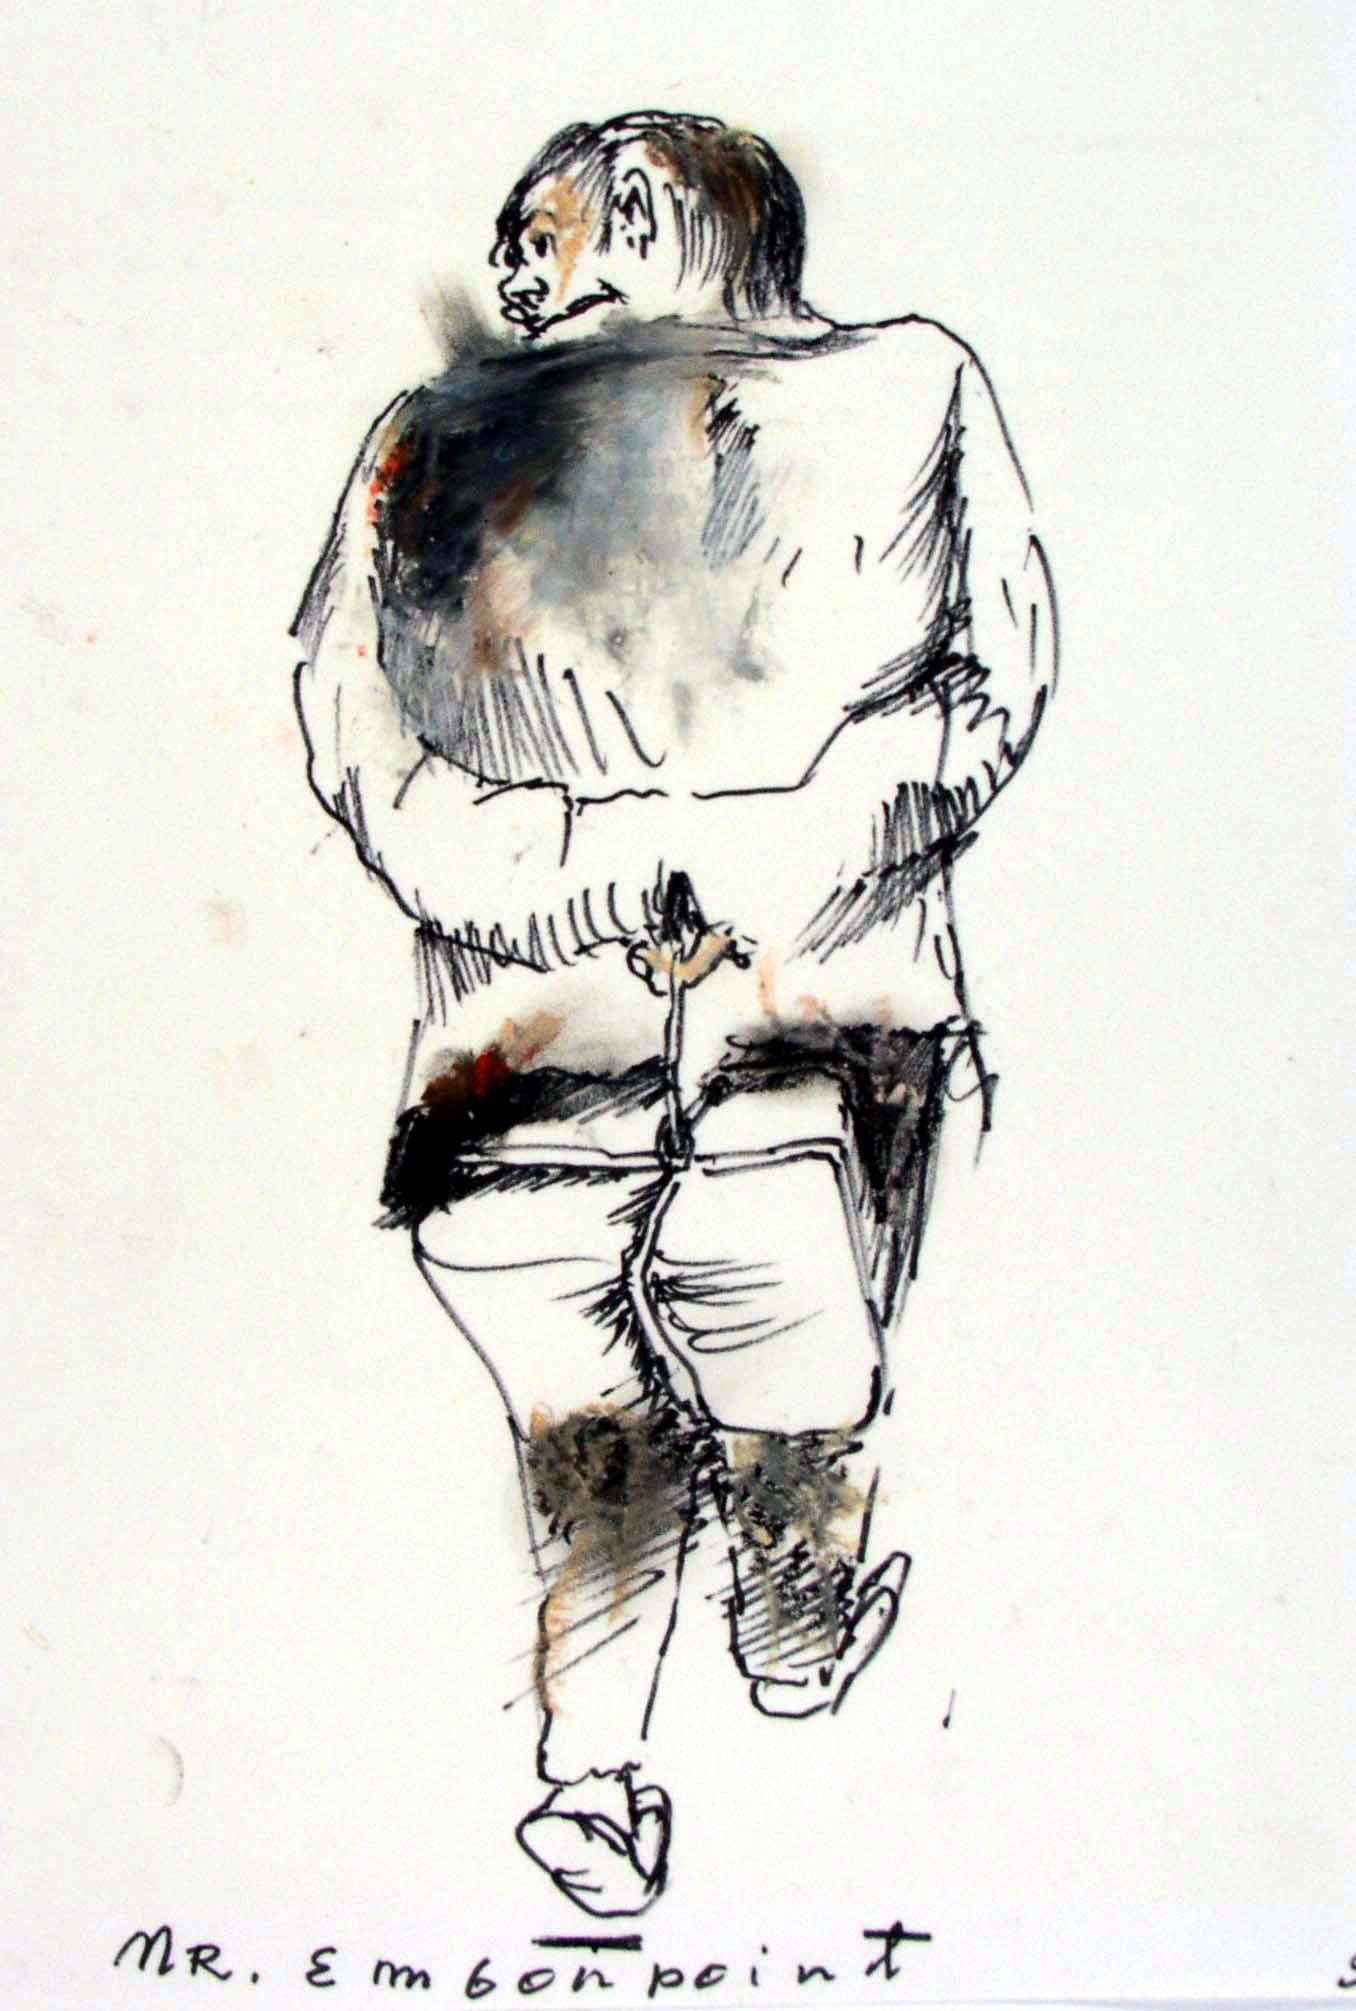 """Mr Embonpoint, rysunek do spektaklu """"Gdzie są niegdysiejsze śniegi"""", 1979, pastel, flamaster, zbiory prywatne (źródło: materiały prasowe organizatora)"""